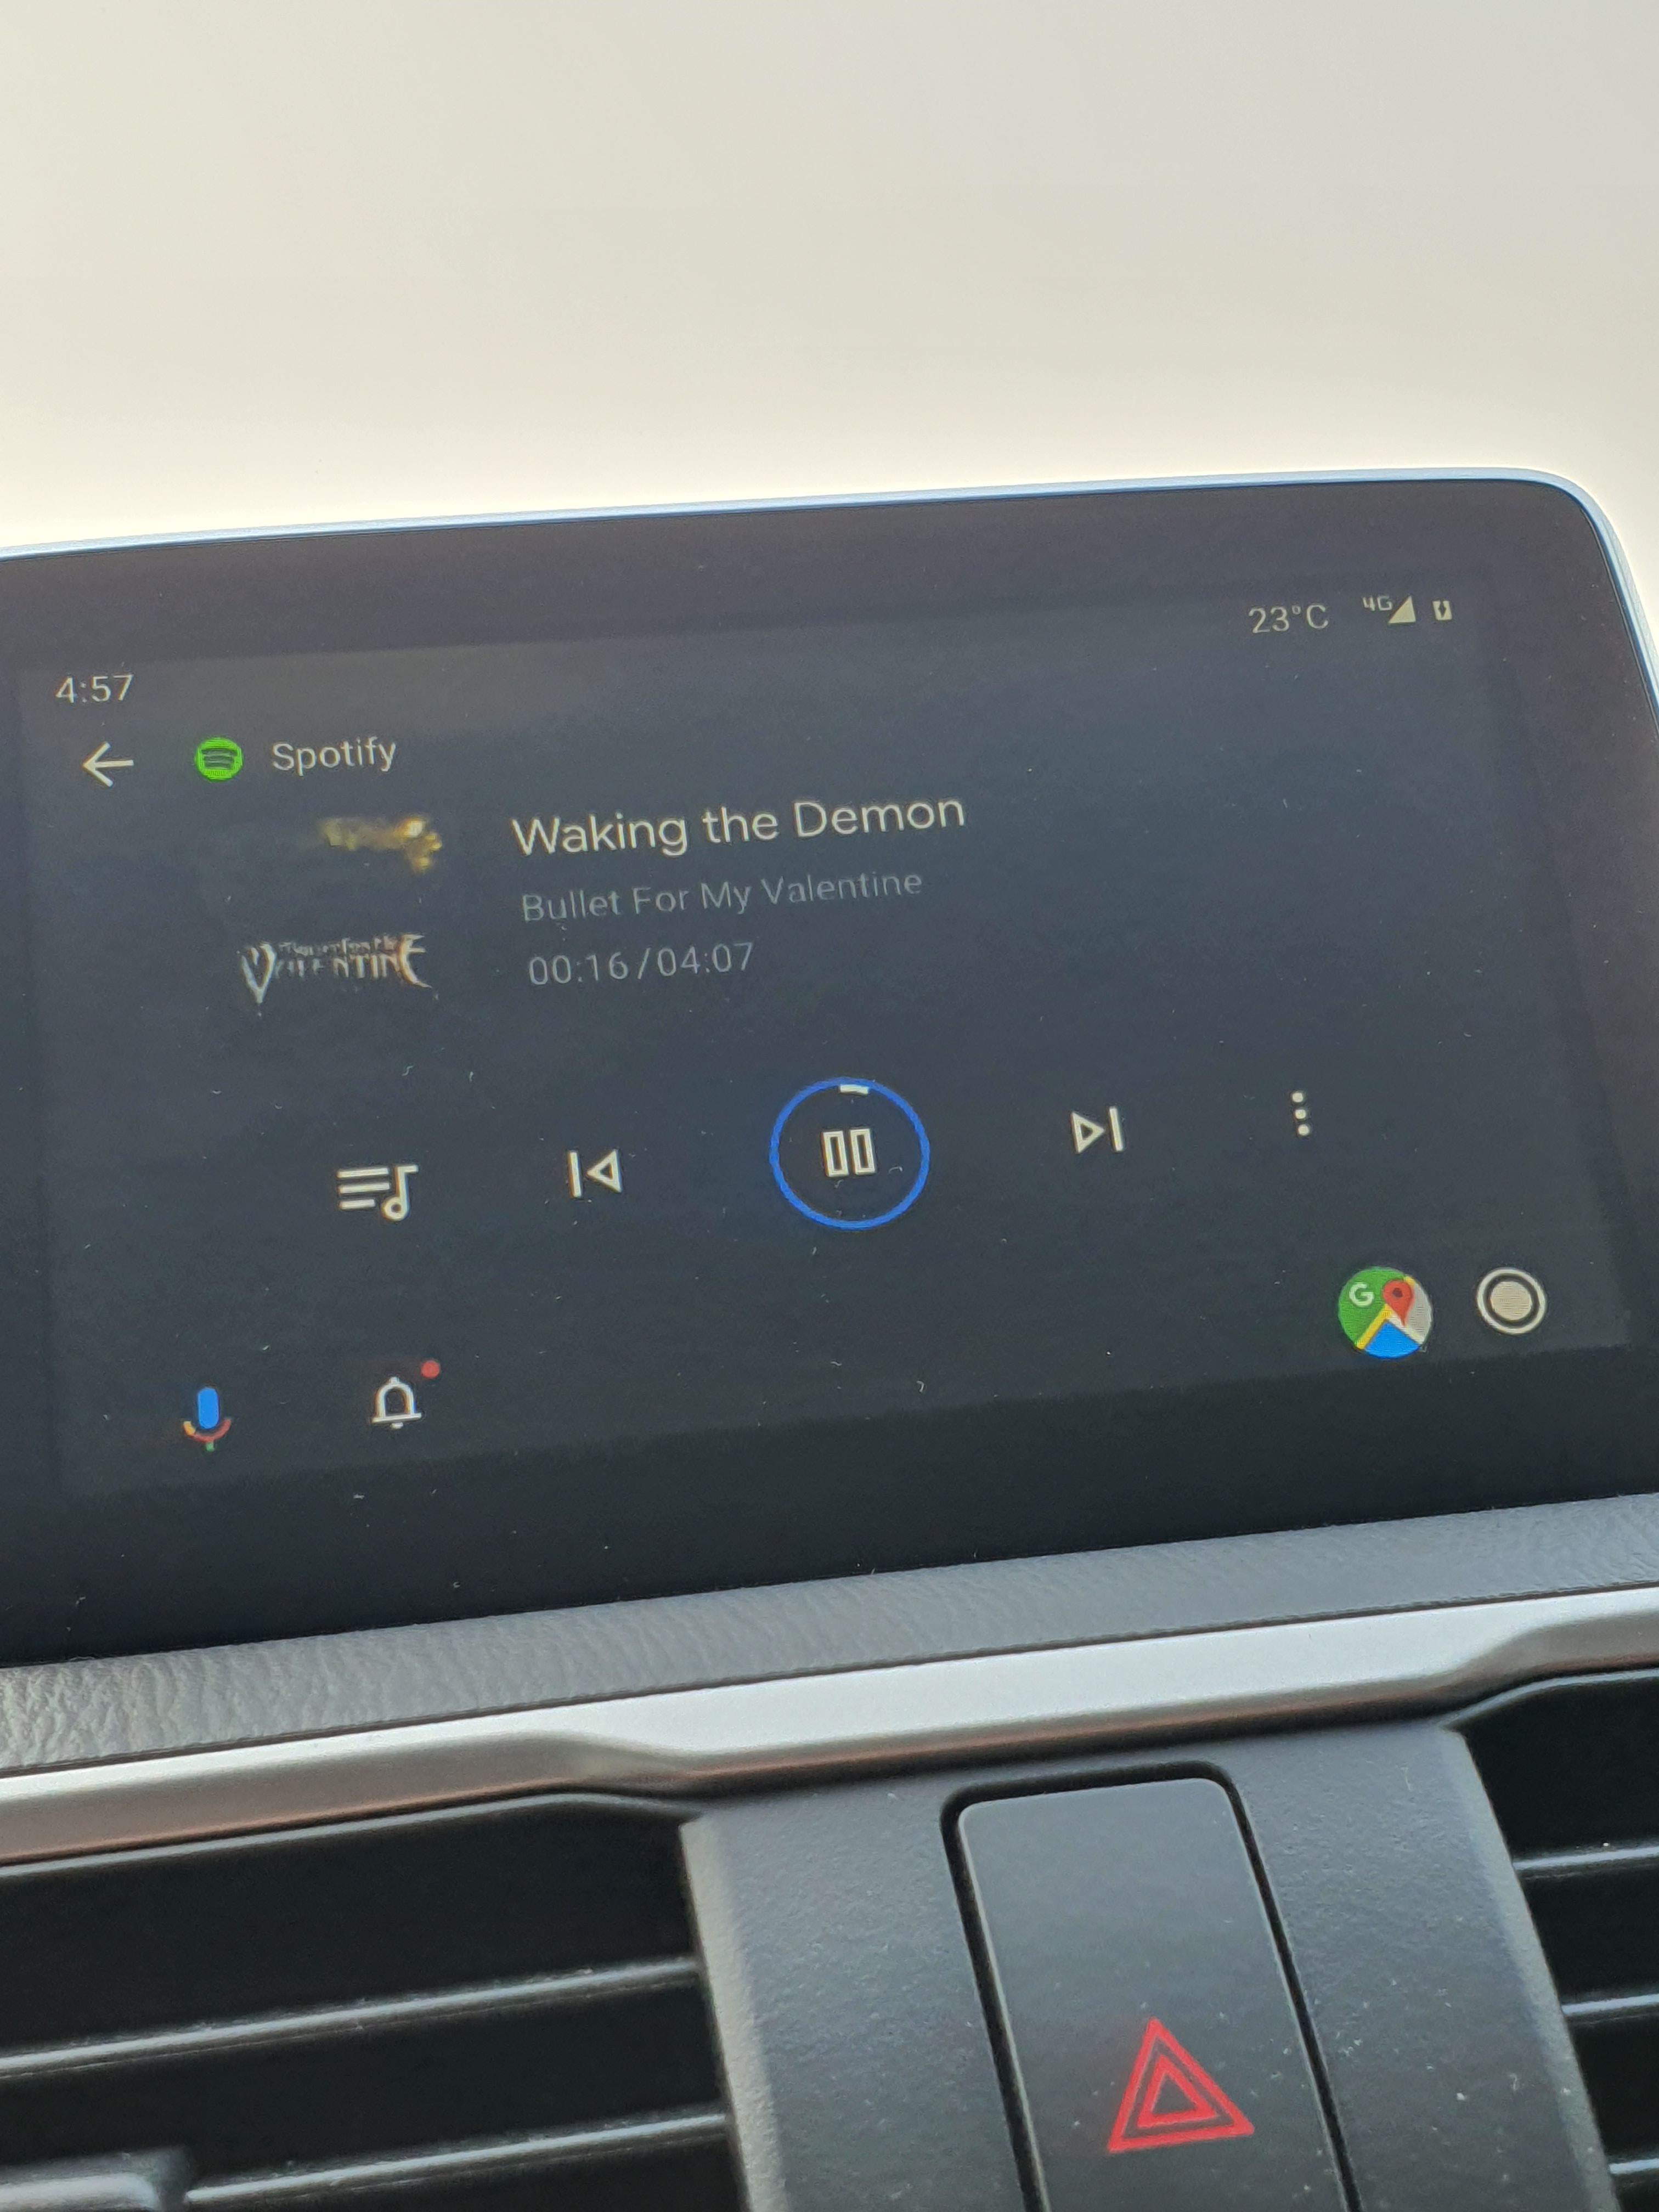 Pogoda w Android Auto 4.8 wskaźnik pogody